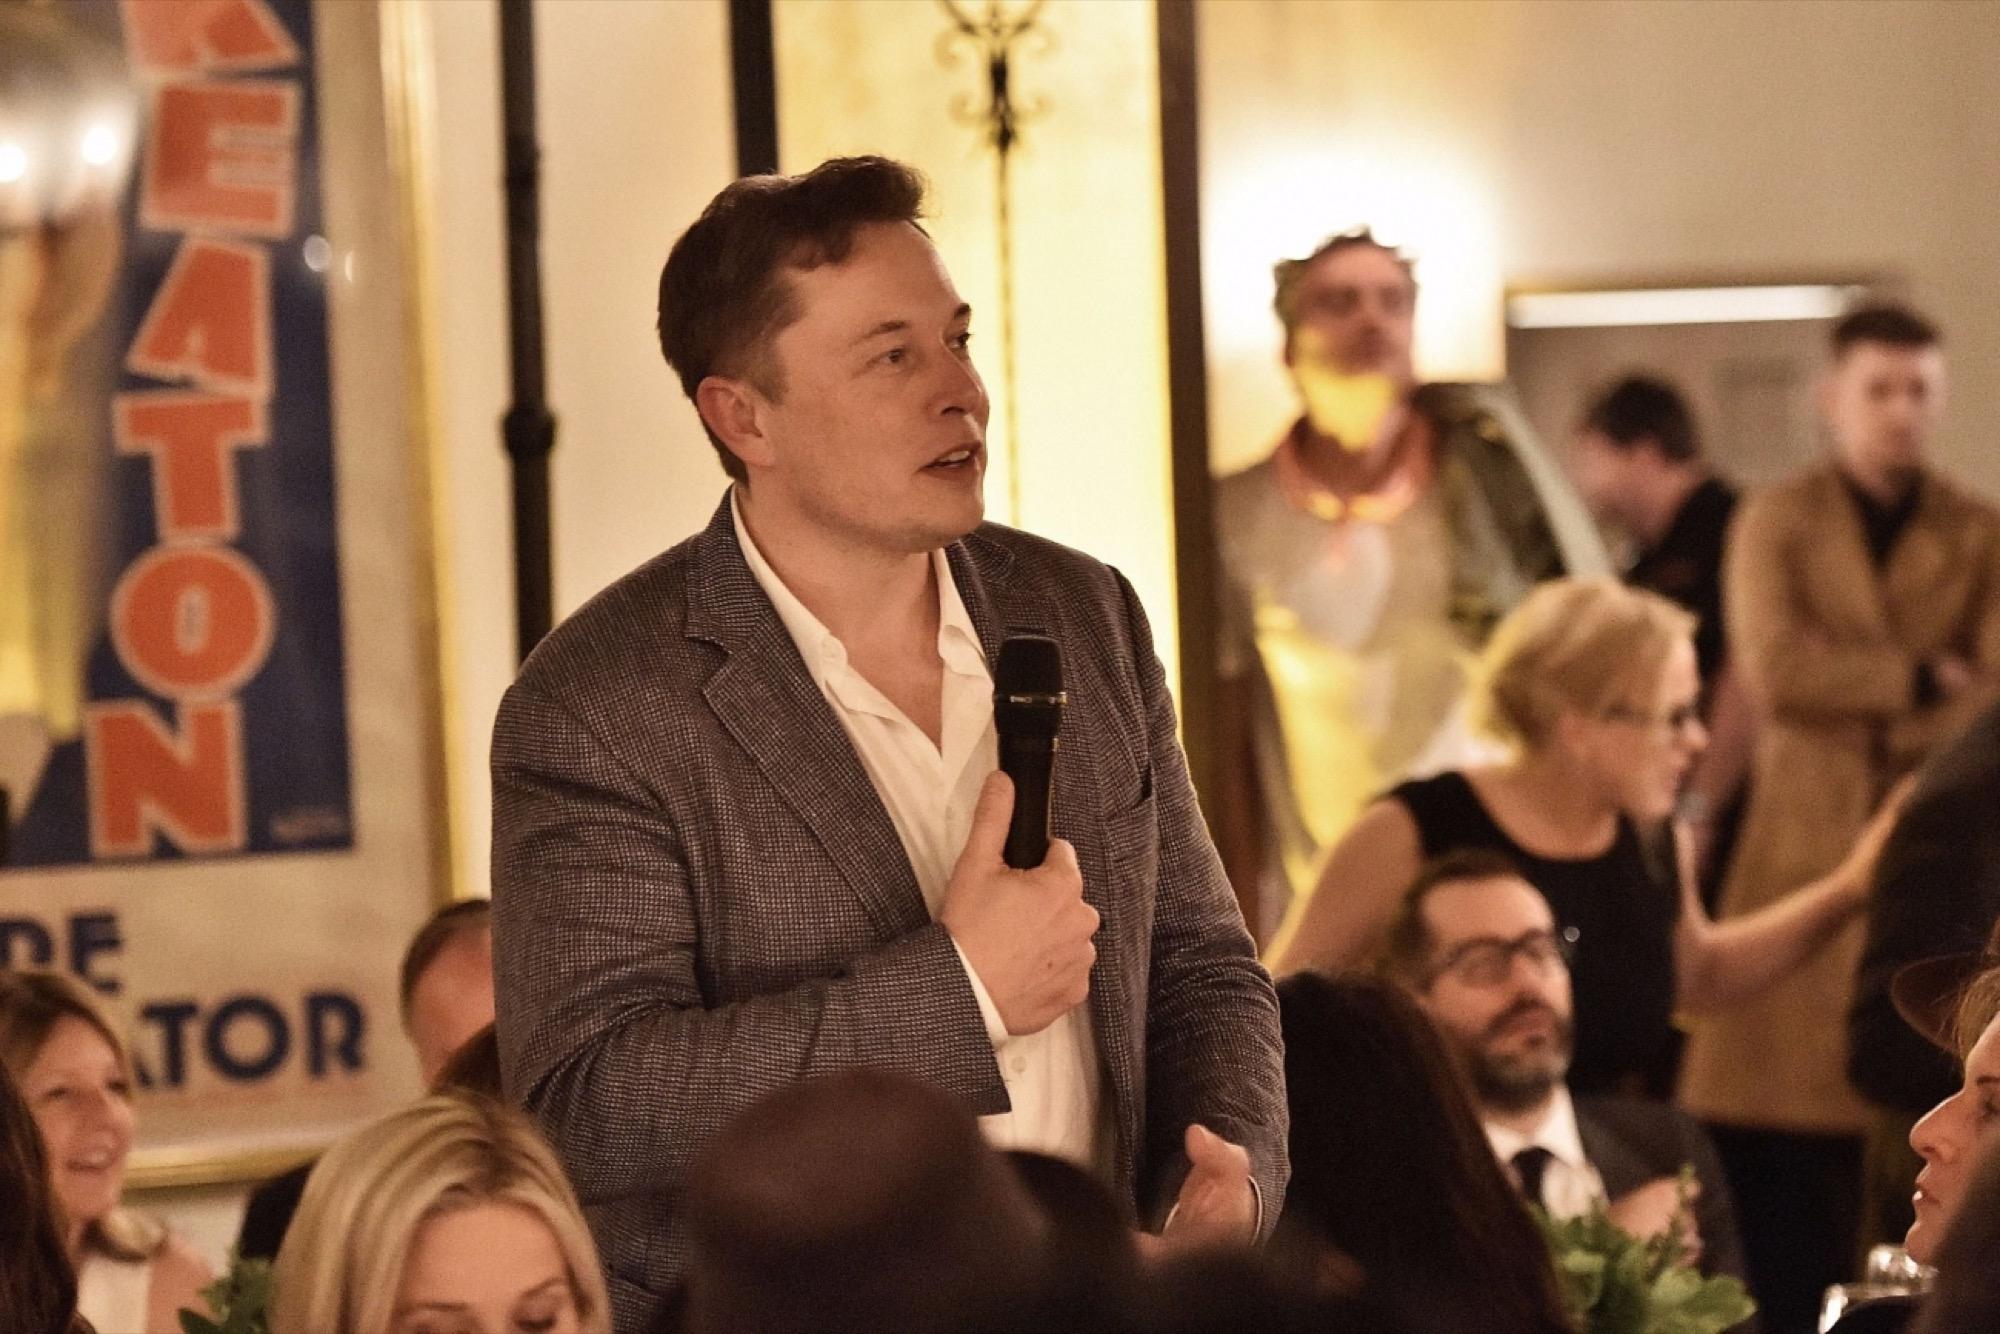 5 coisas que aprendi obcecado por Elon Musk durante meu estágio